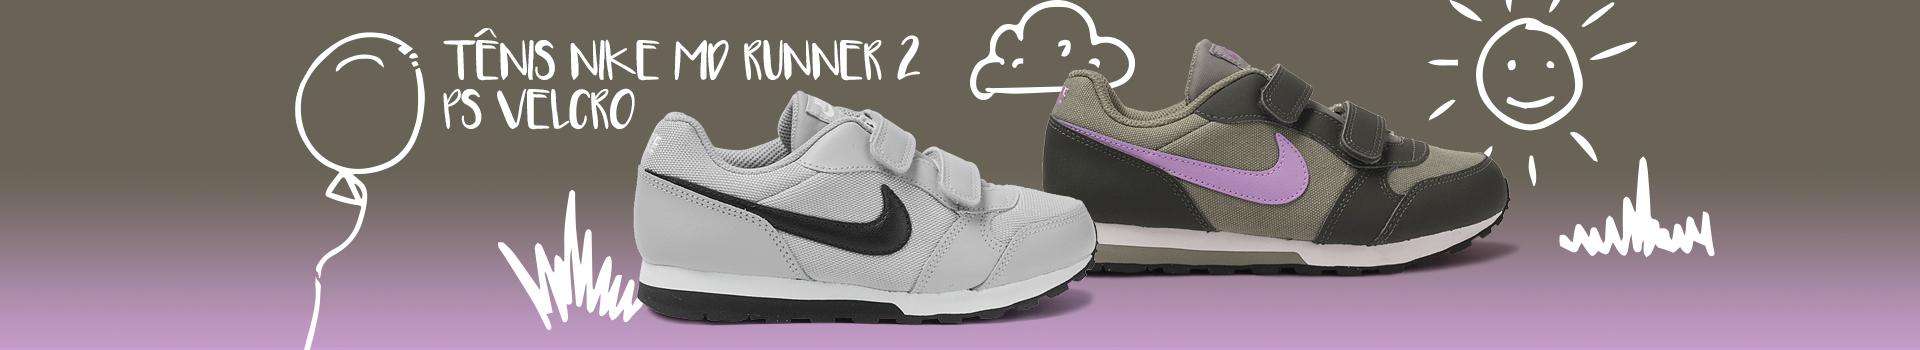 tvdesk_p2-10_12_18-Nike_MD_Runner